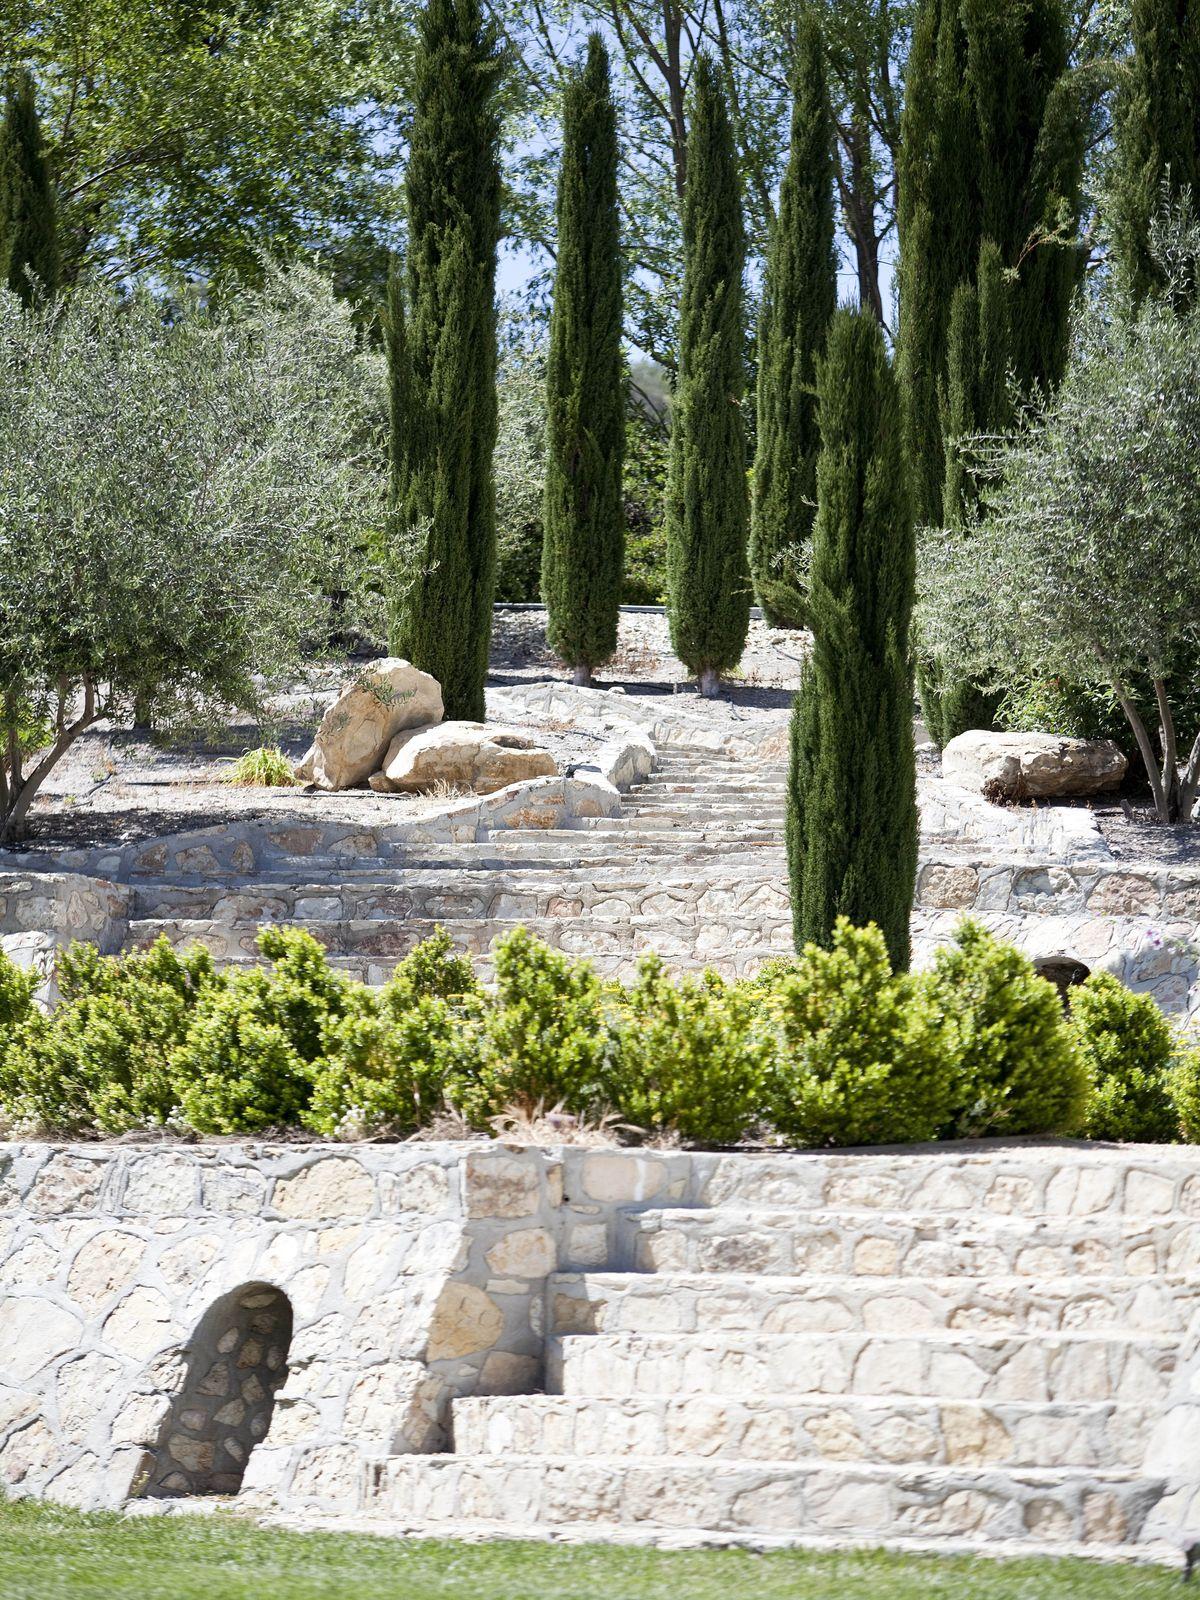 Grotto Garden